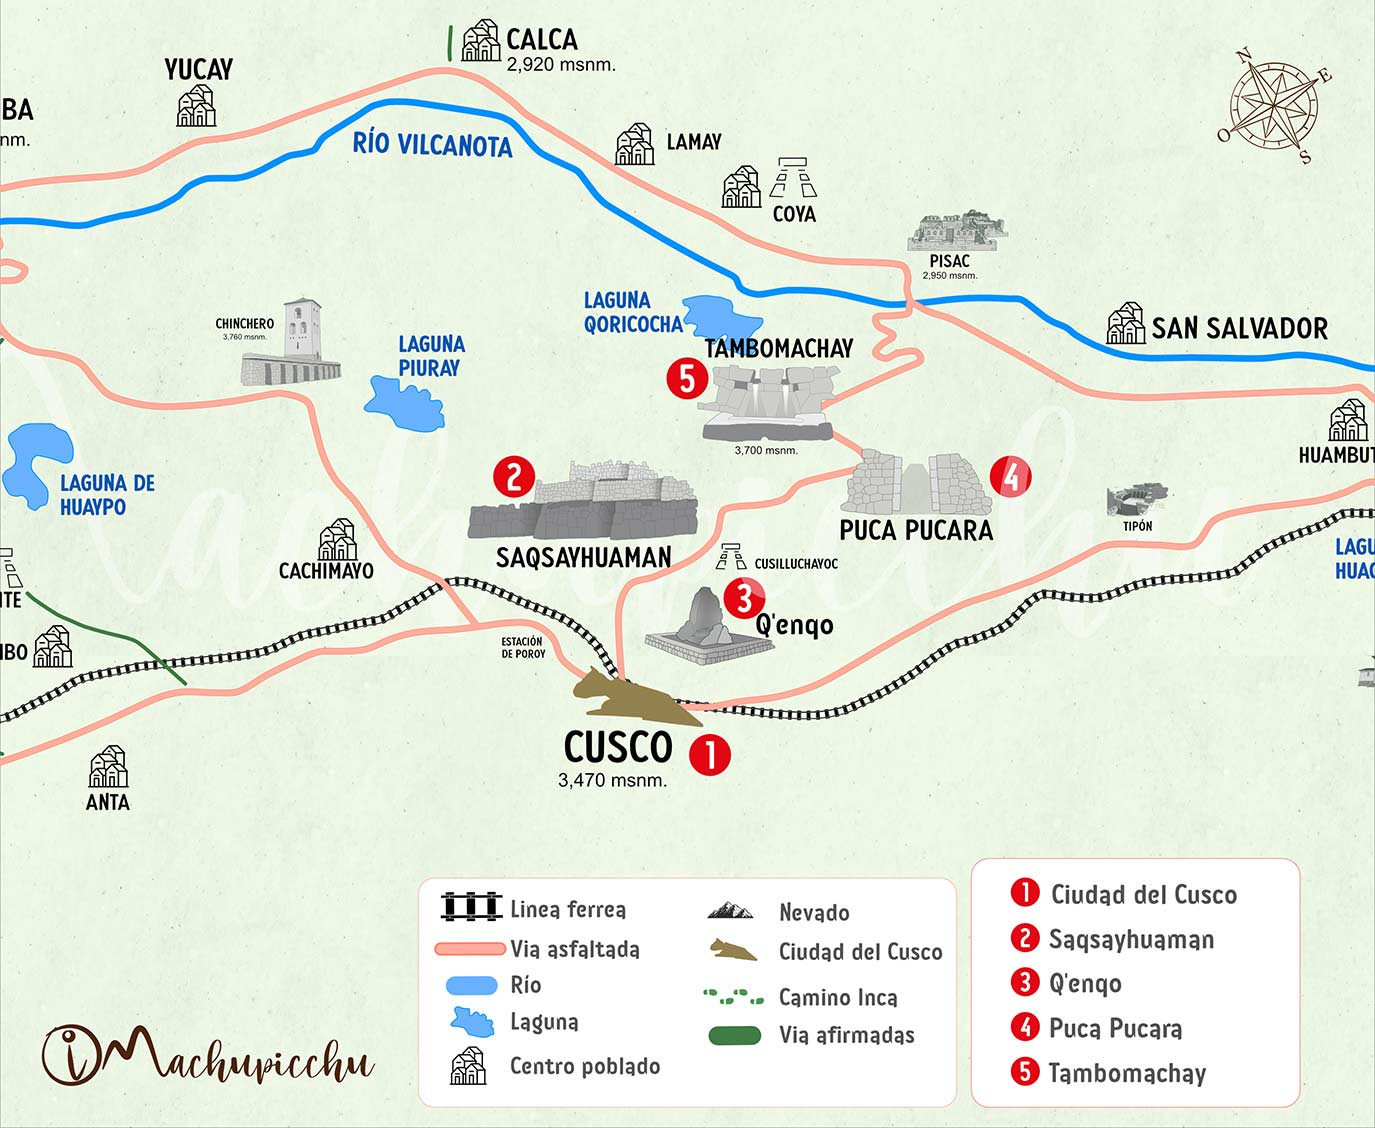 Circuito Sitios arqueológicos Cusco